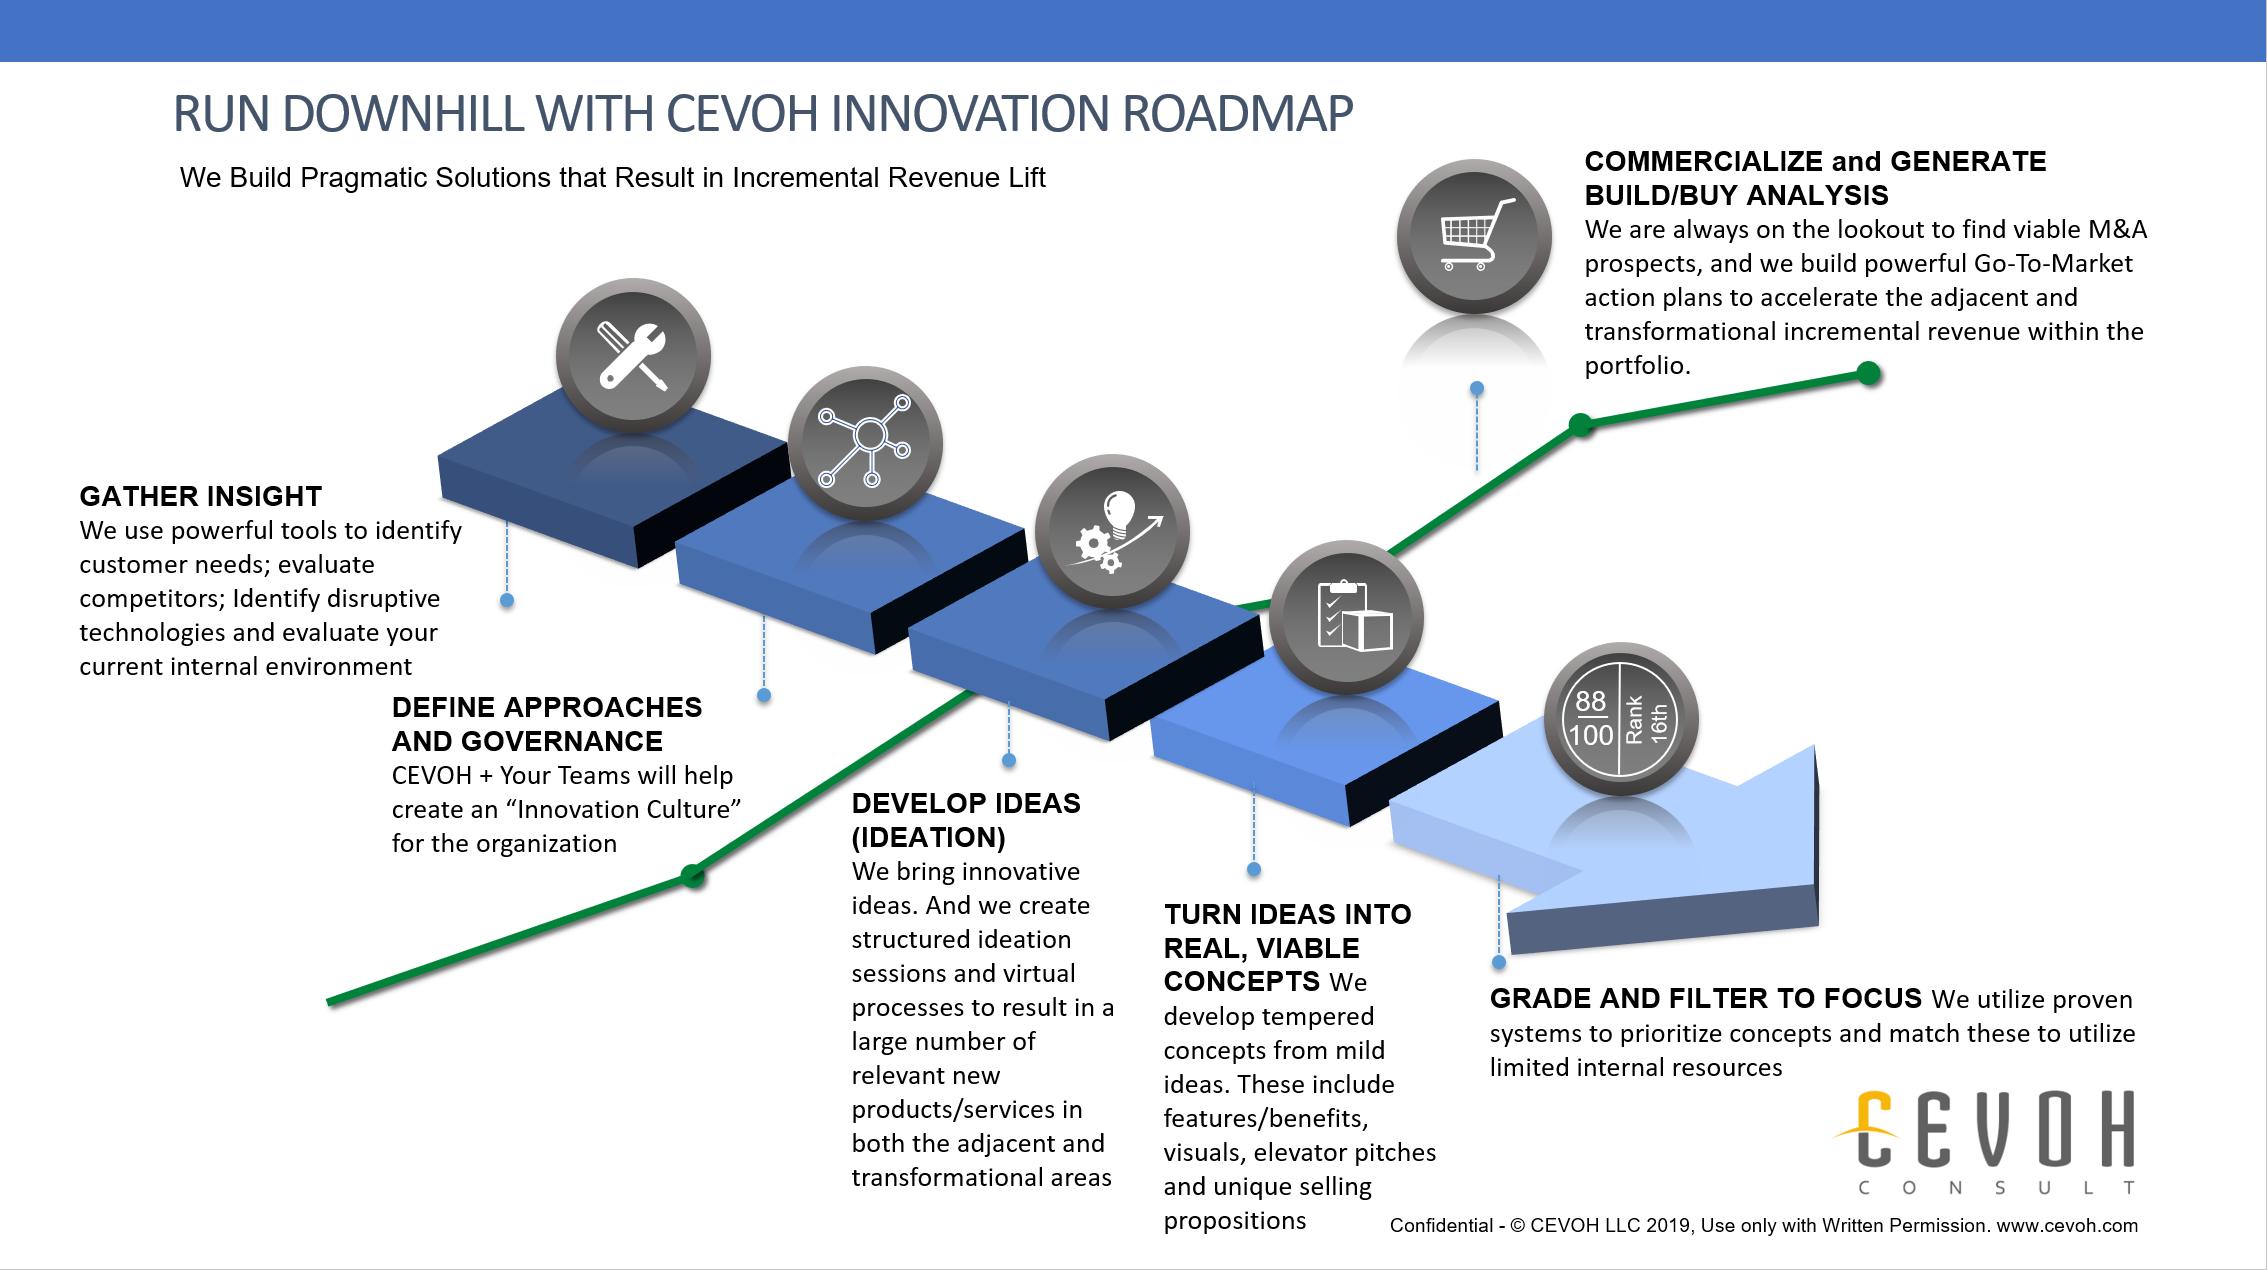 CEVOH_INNOVATION_JUMPSTART_roadmap.png